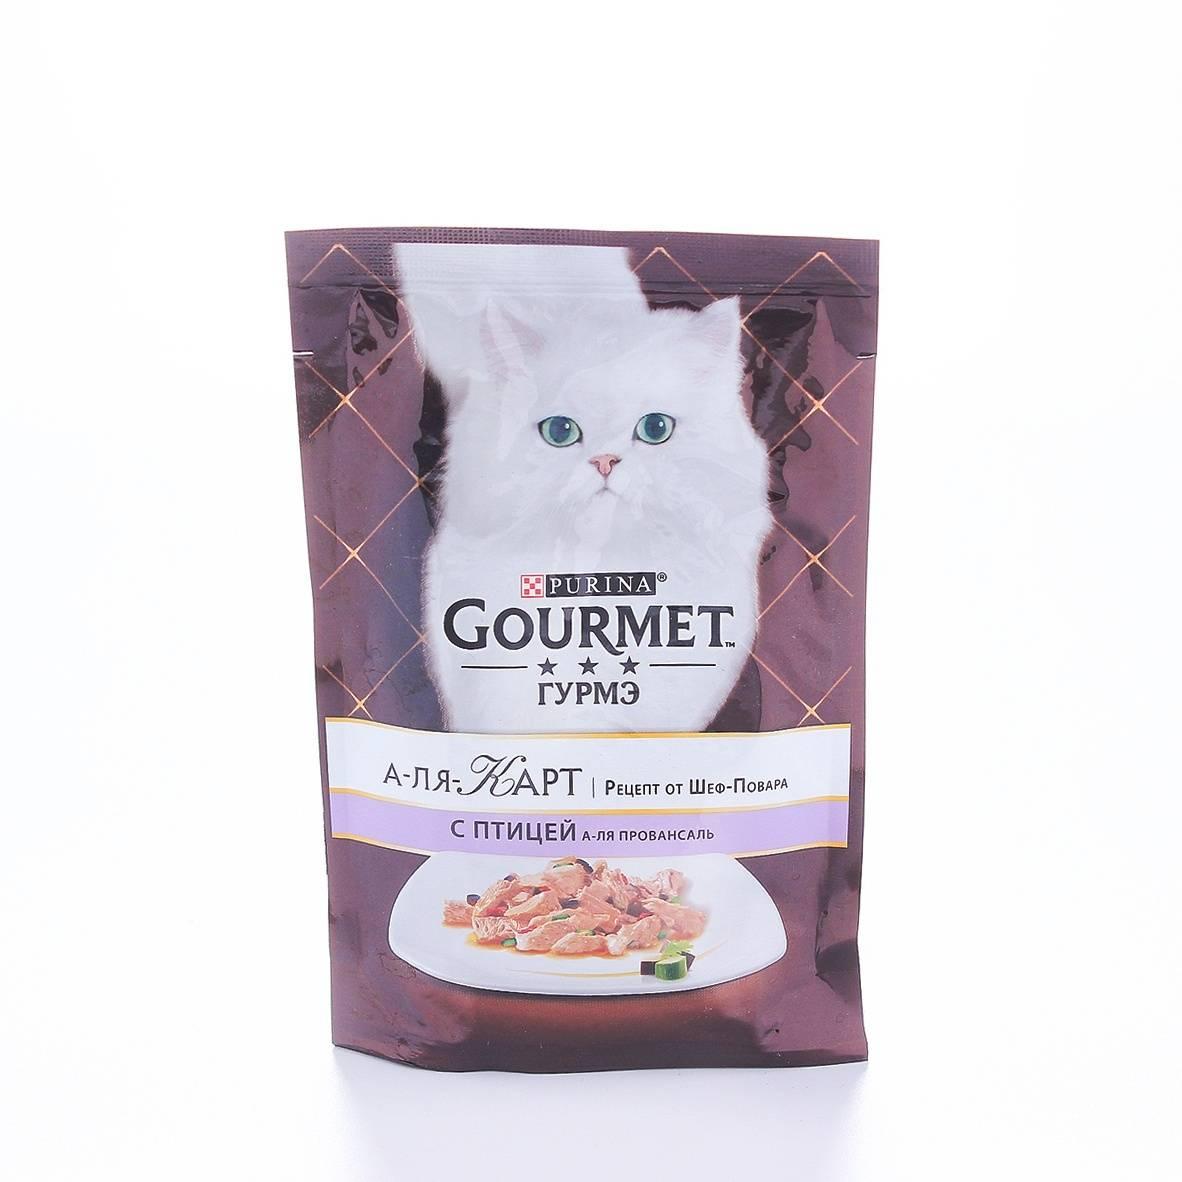 Корм гурмет (gourmet) для кошек   состав, цена, отзывы